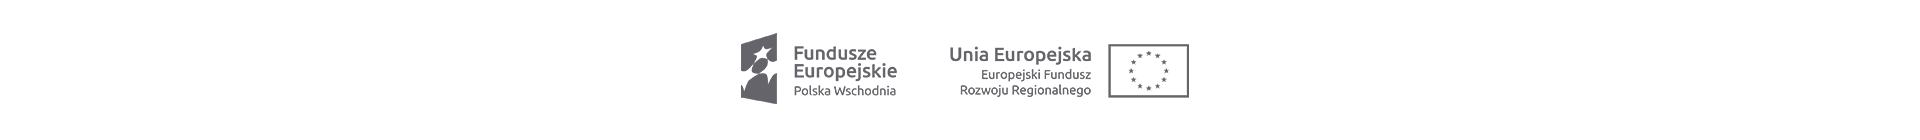 Informacje UE